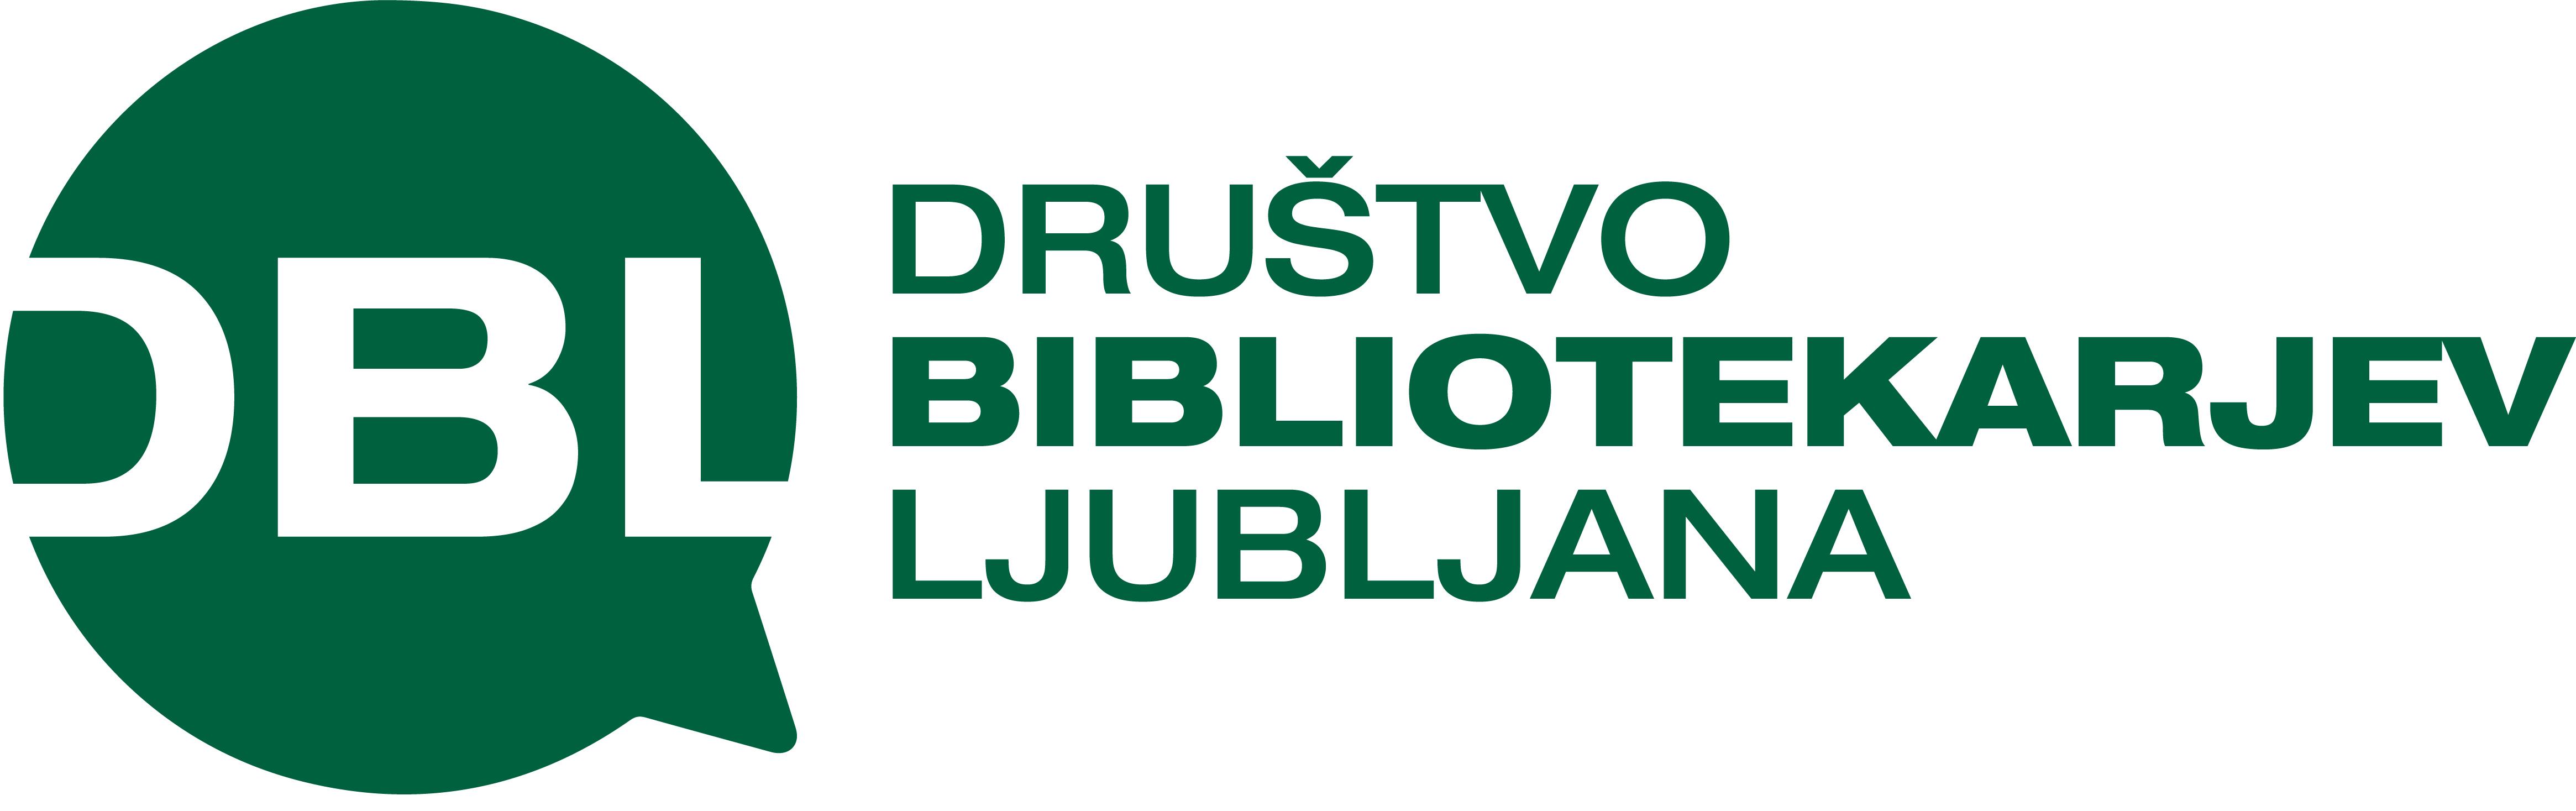 Društvo bibliotekarjev Ljubljana